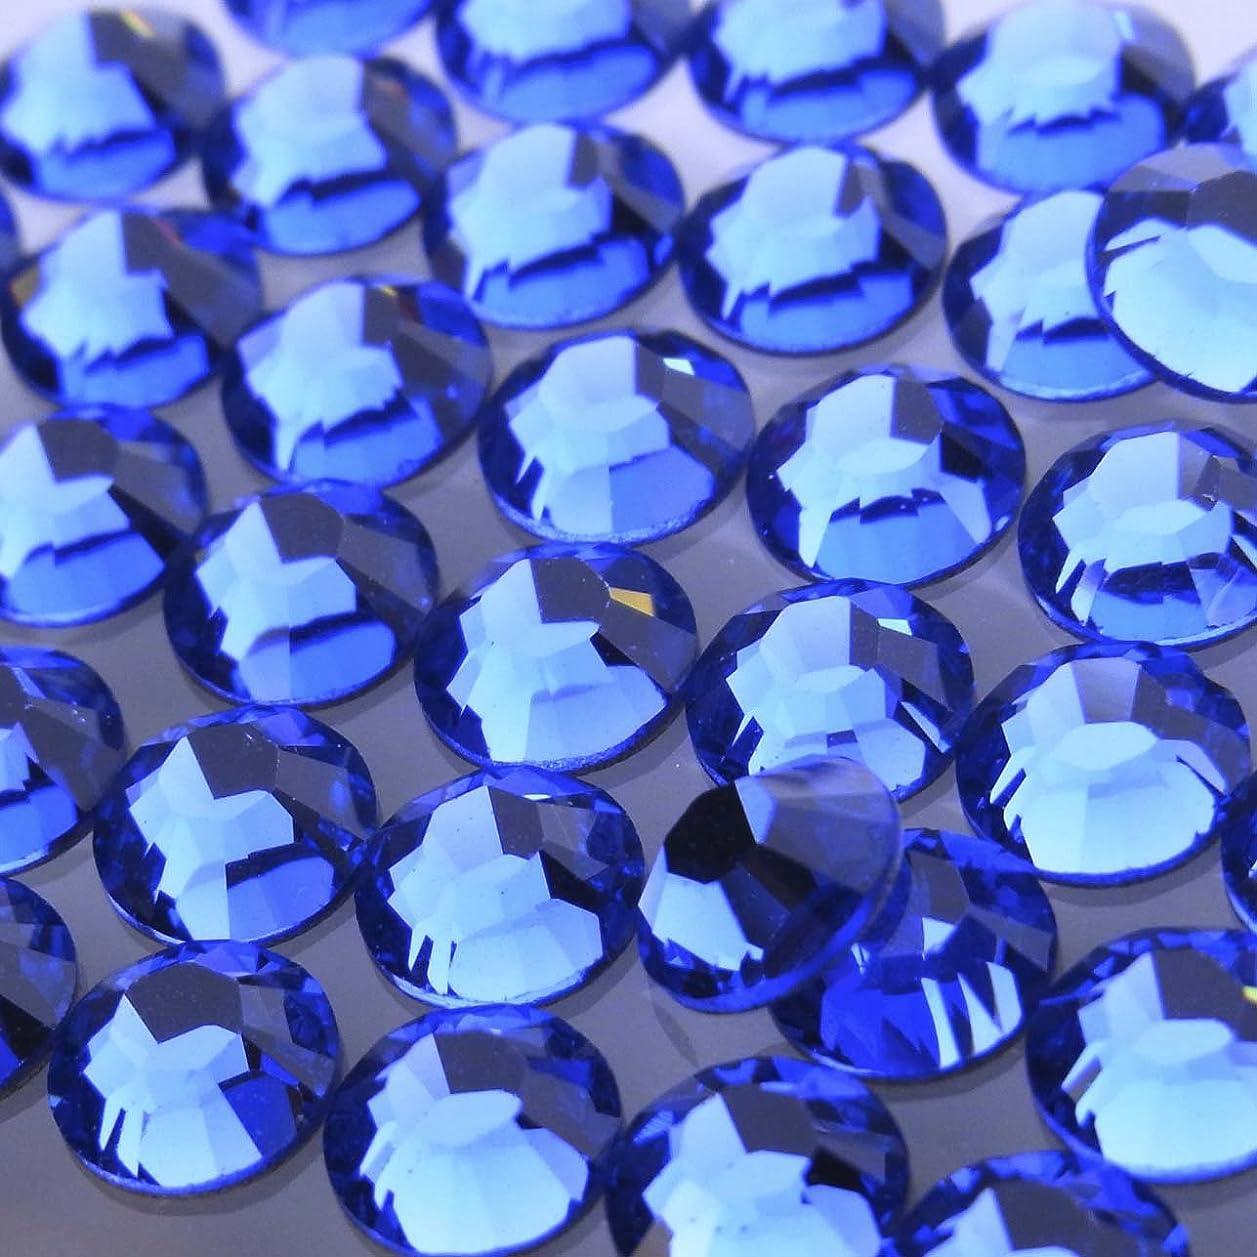 阻害する割れ目チャンピオンシップHotfixサファイアss16(100粒入り)スワロフスキーラインストーンホットフィックス